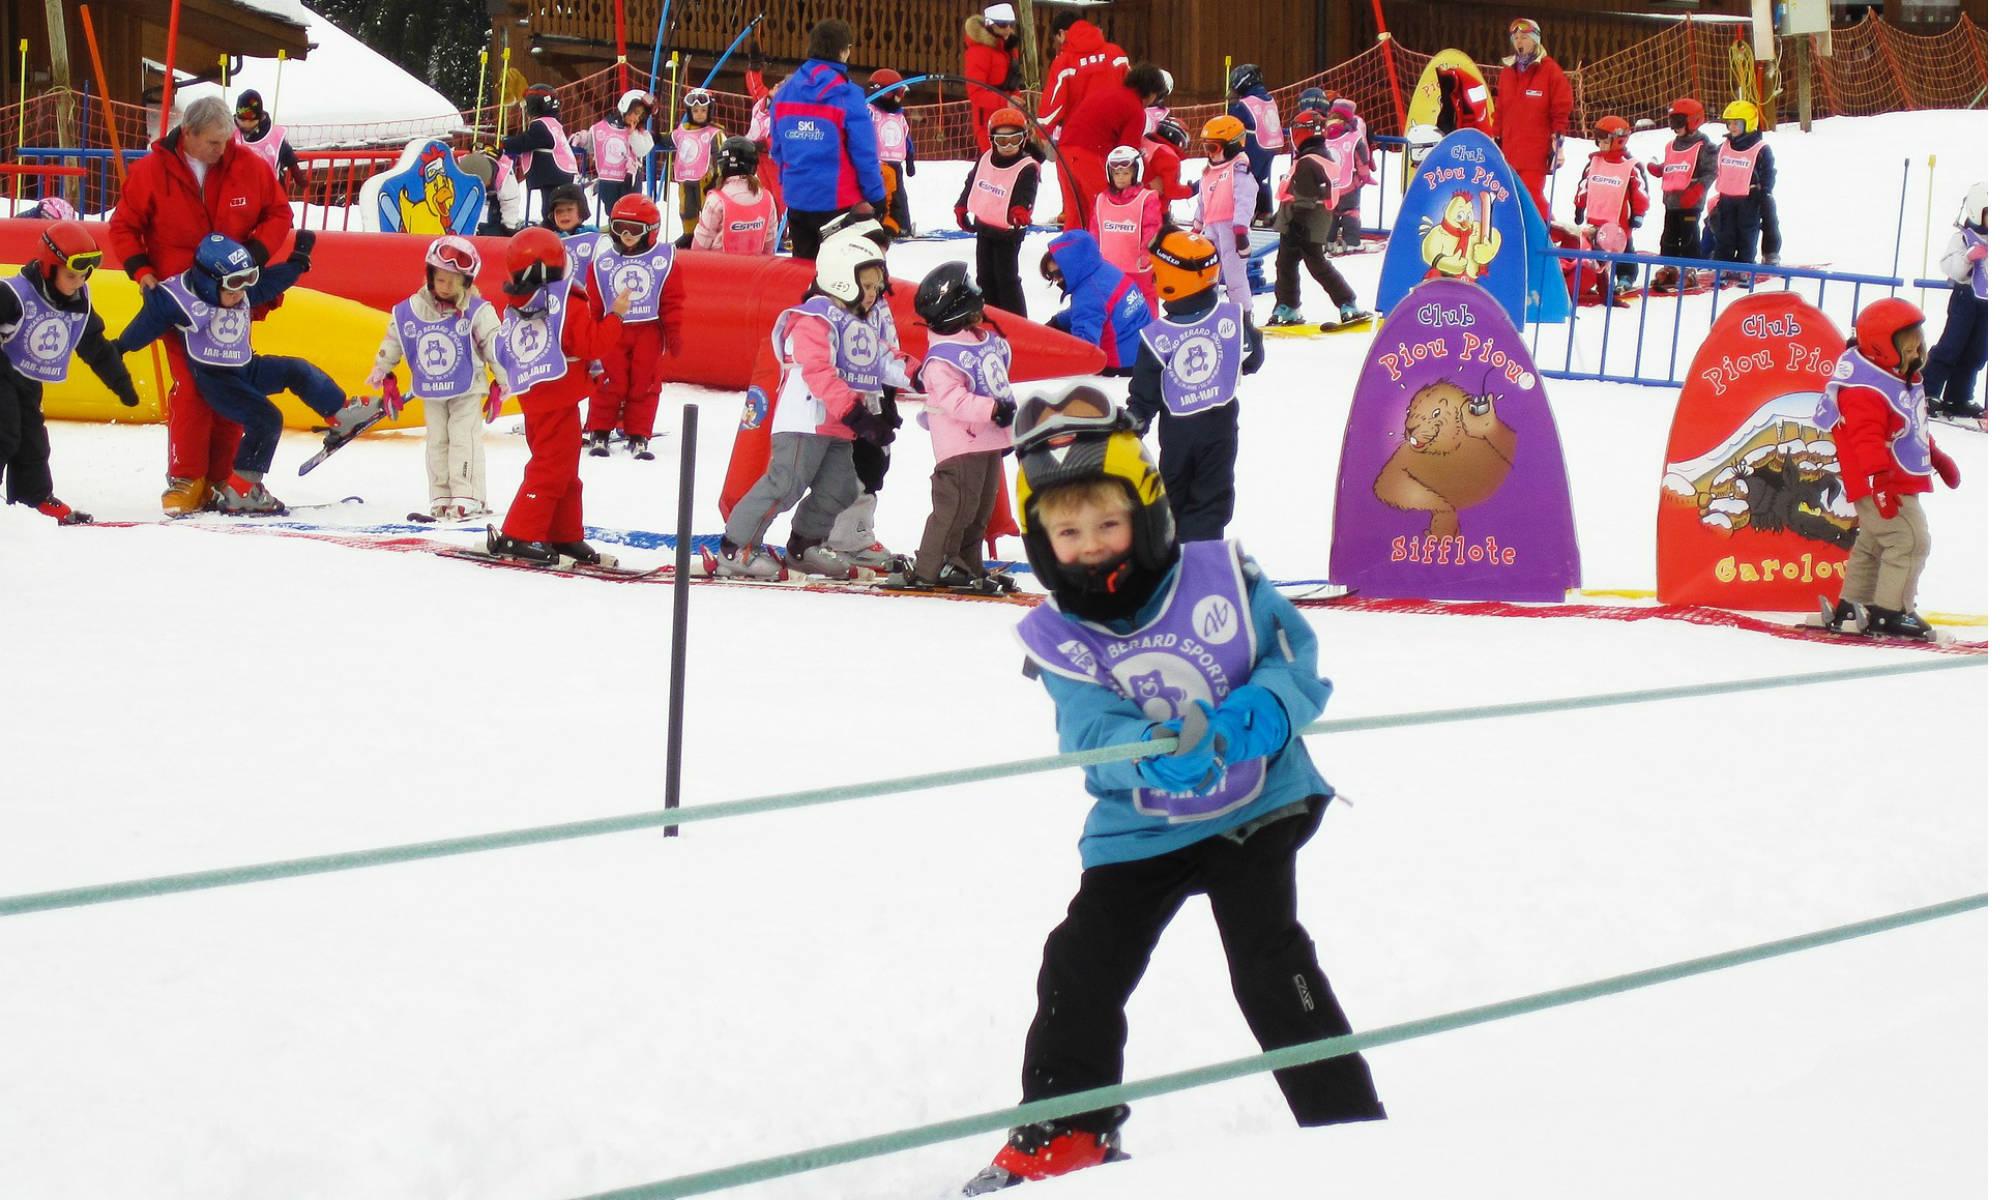 Un petit skieur souriant utilise une télécorde dans un jardin des neiges.